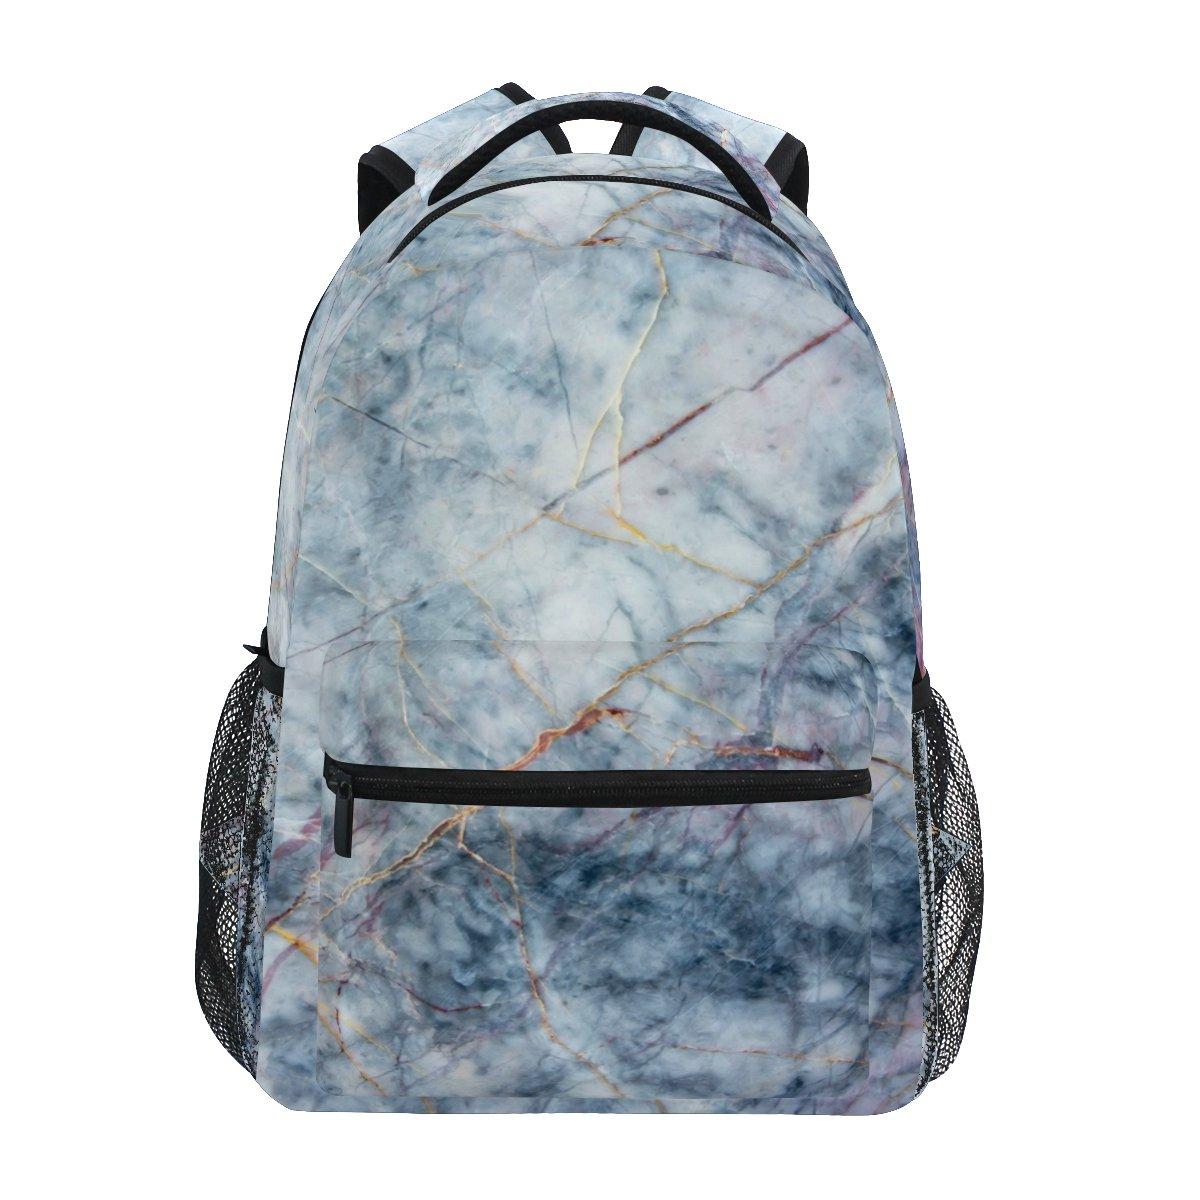 Zzkko gestreift Marmor Rucksäcke College School Book Bag Travel Wandern Camping Tagesrucksack B07BGWG628 Kinderruckscke Allgemeines Produkt